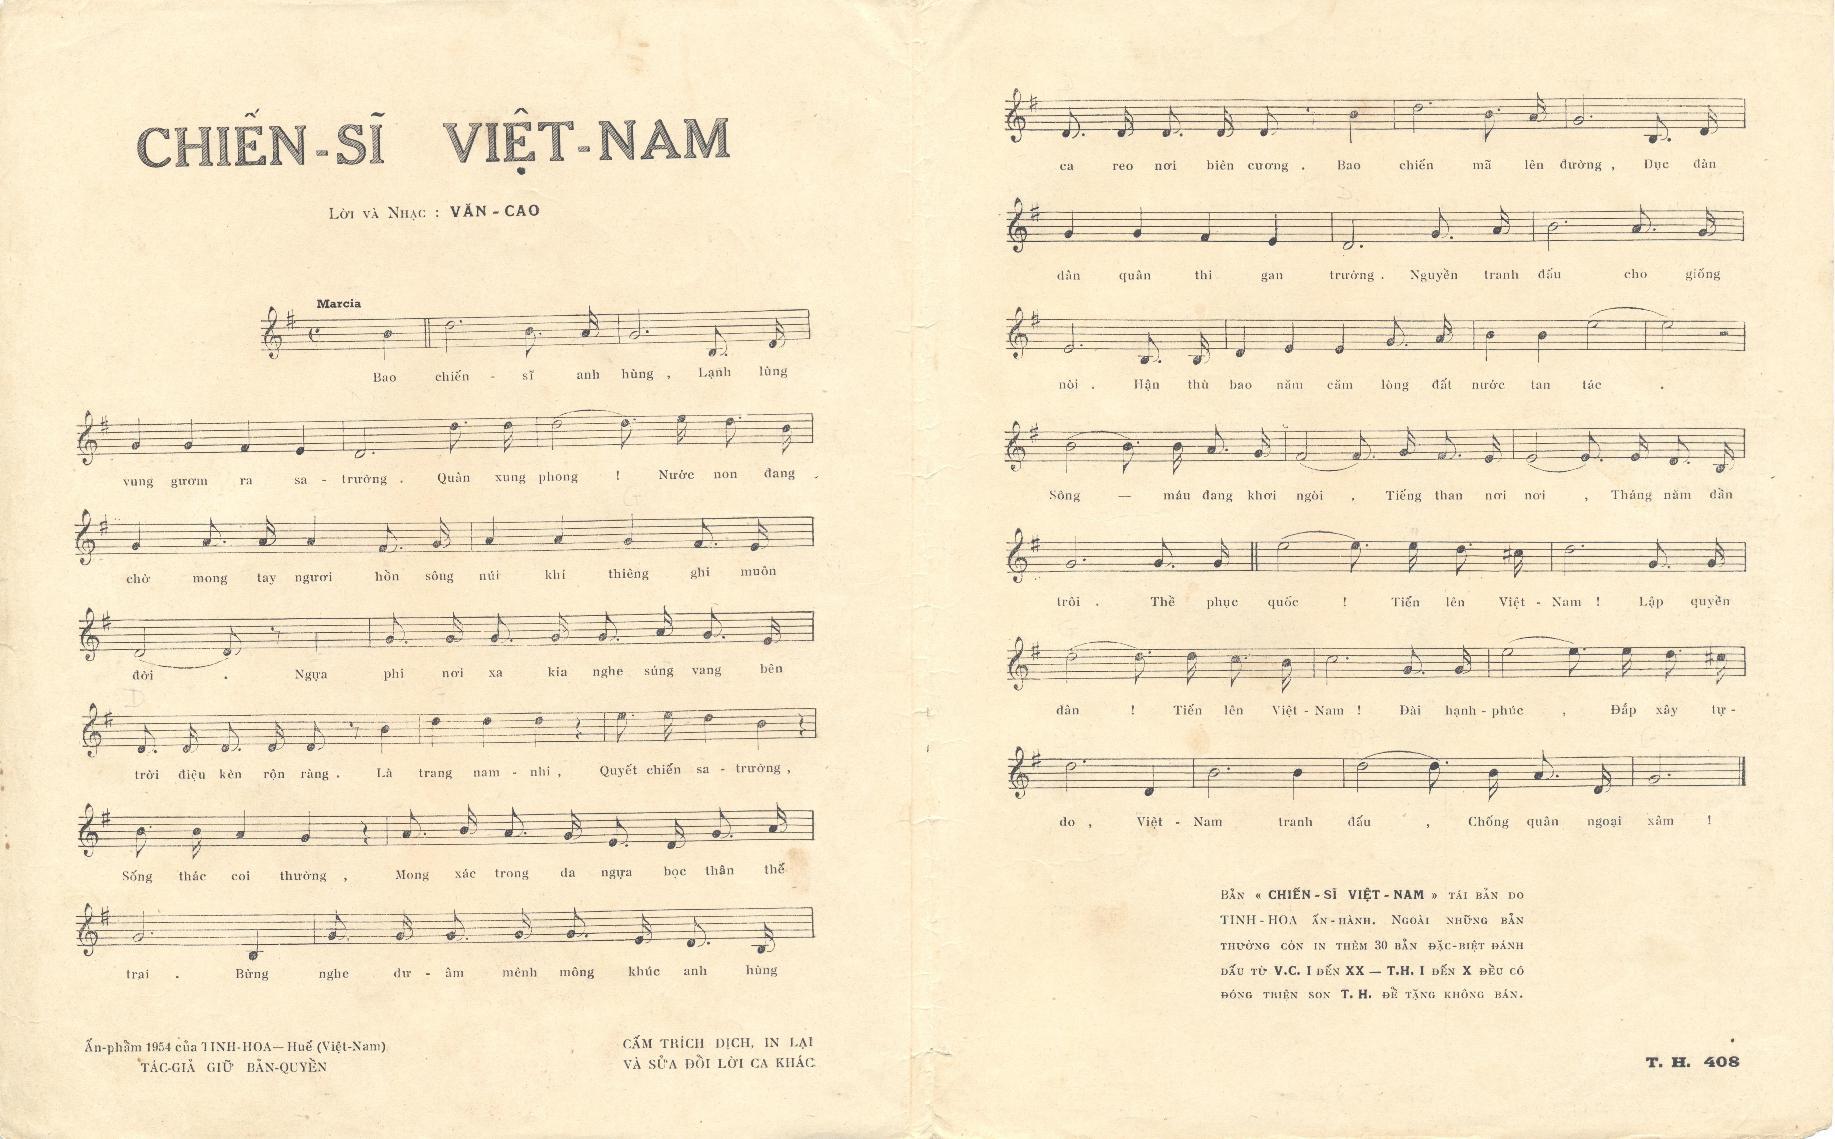 Lời bài chiến sĩ Việt Nam - Văn Cao